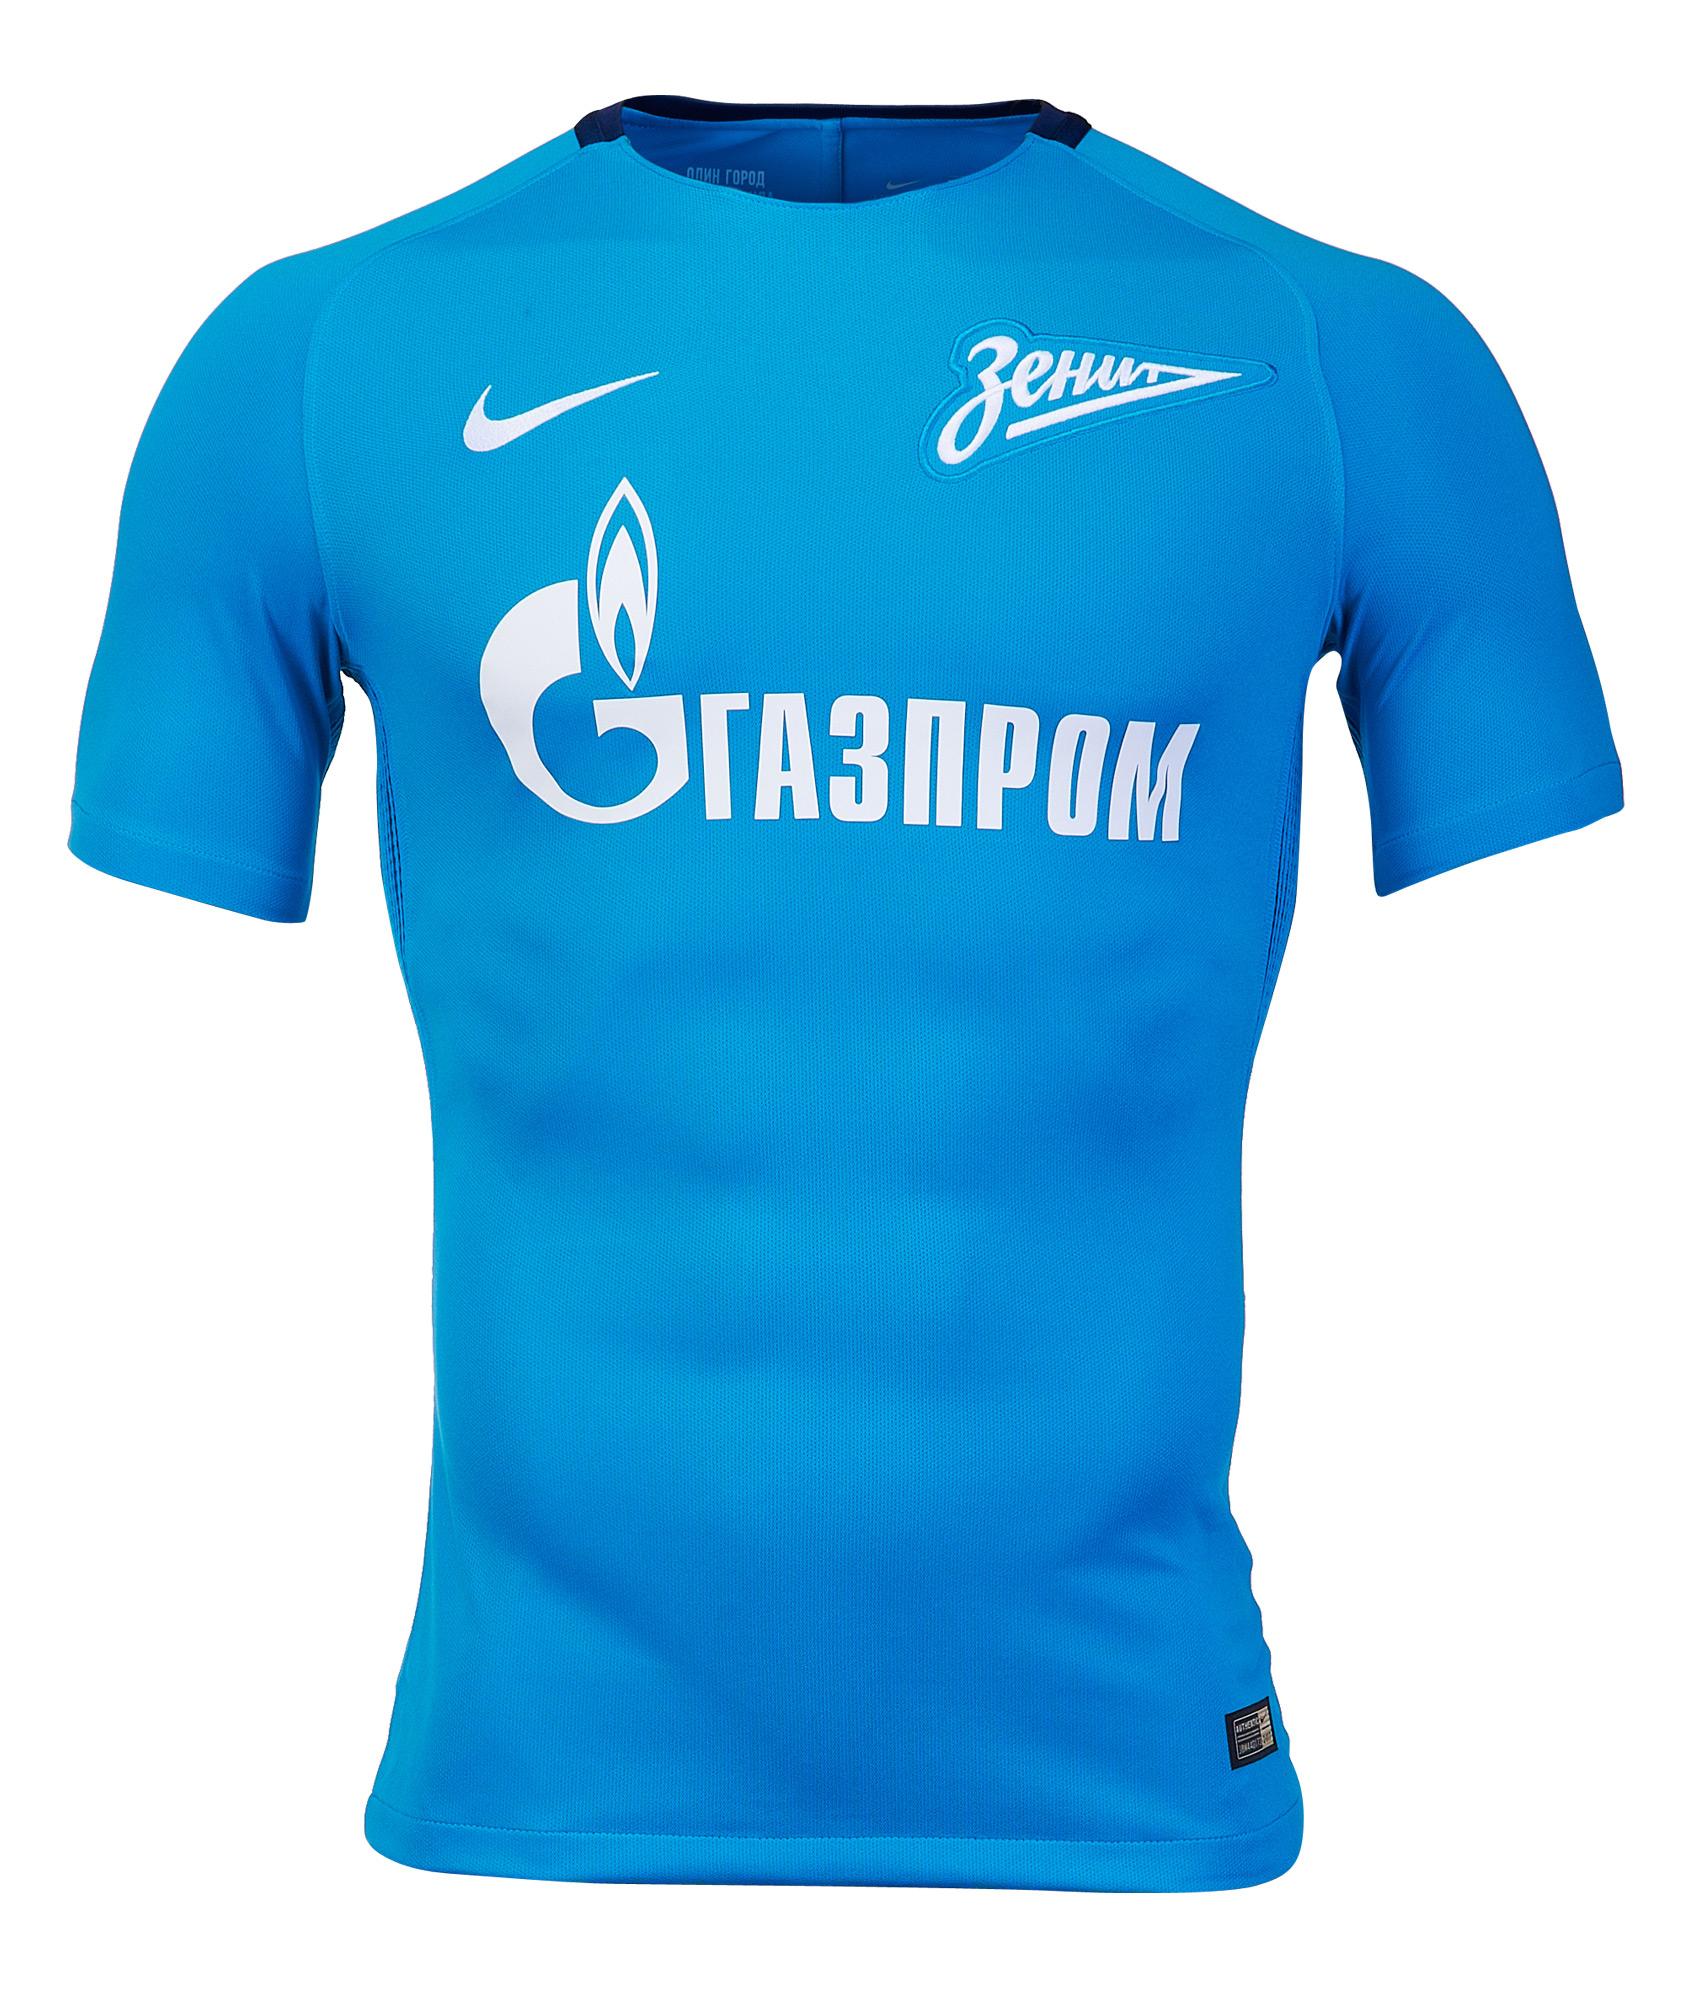 Домашняя оригинальная футболка Nike Зенит Цвет-Синий оригинальная домашняя футболка nike дзюба 22 2018 19 nike